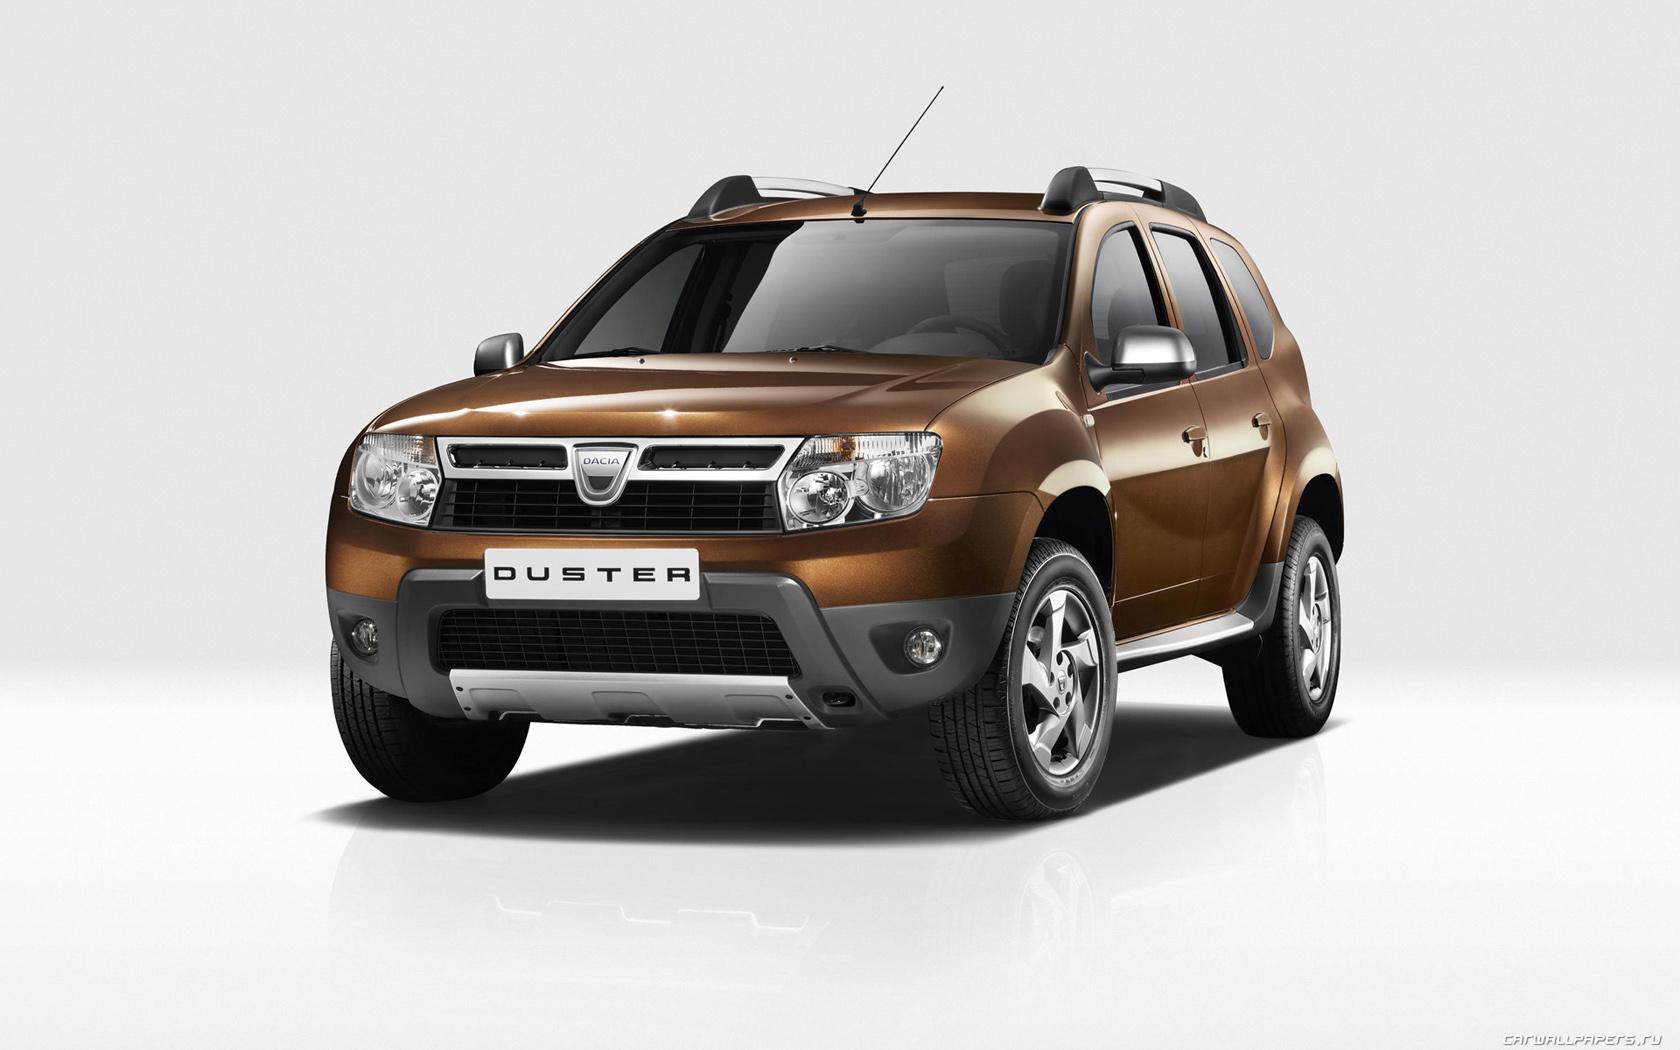 качественном самые дешевые новое авто в ставропольских автосалонах существует